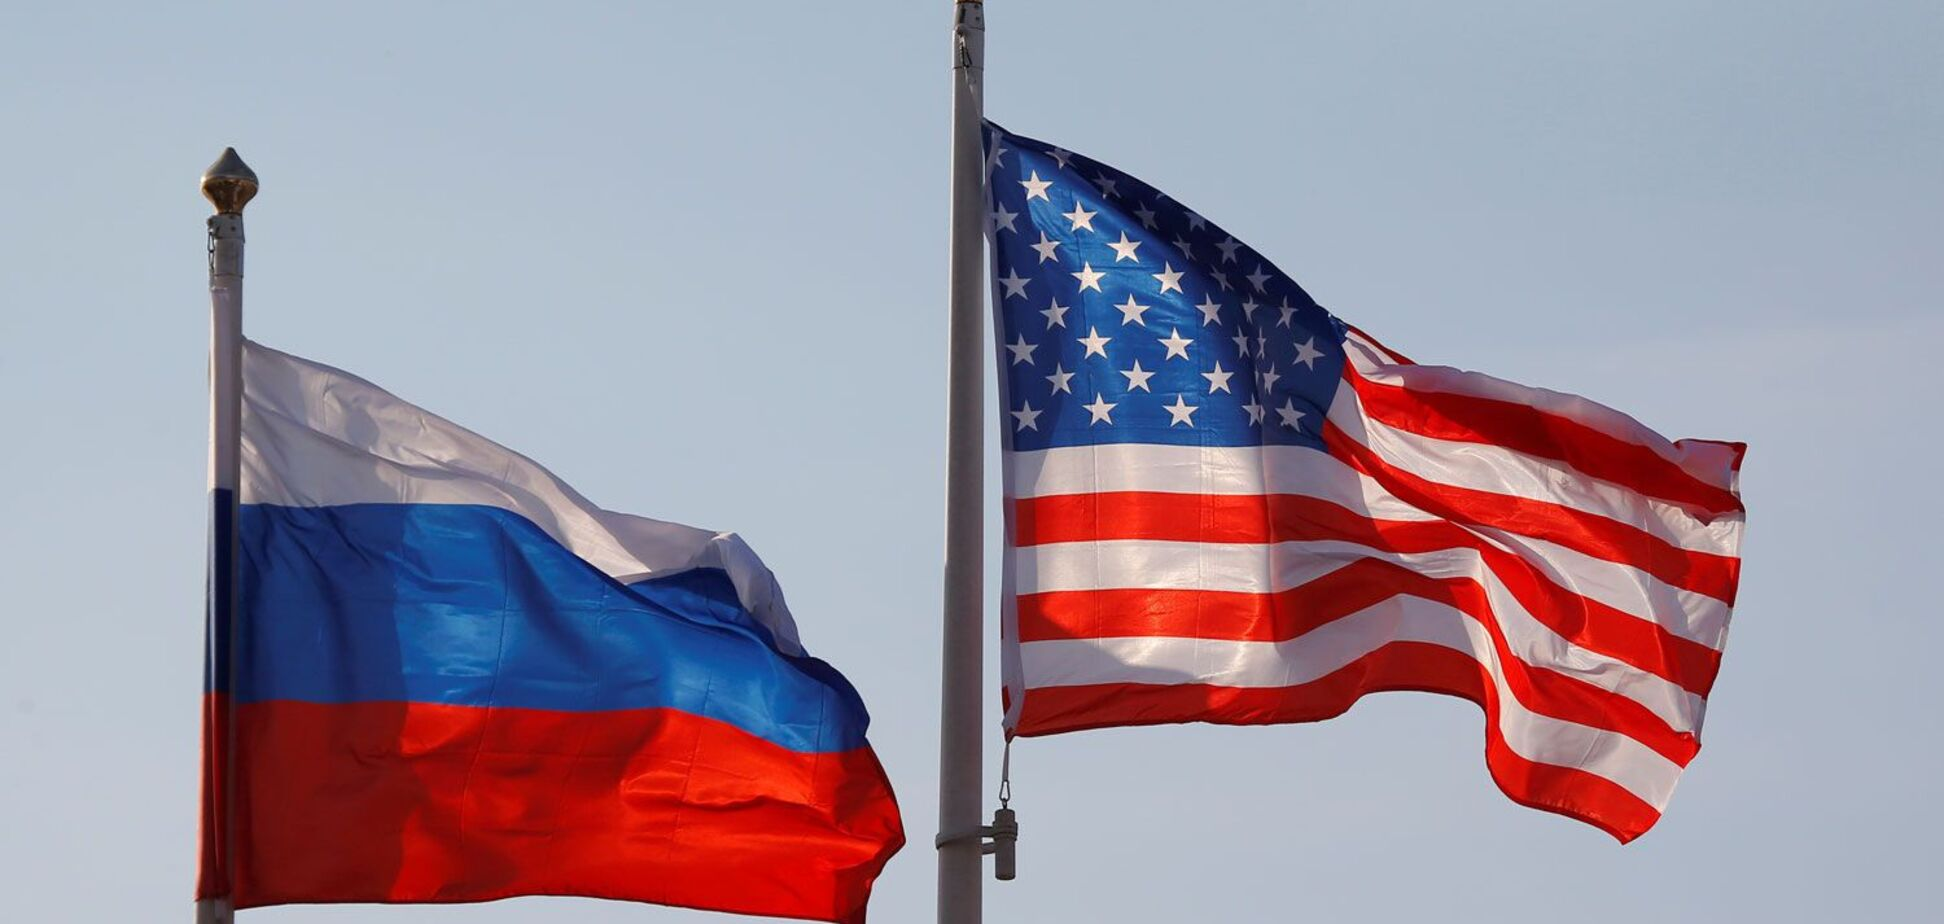 Публічний 'батл' між спецслужбами Росії і Заходу